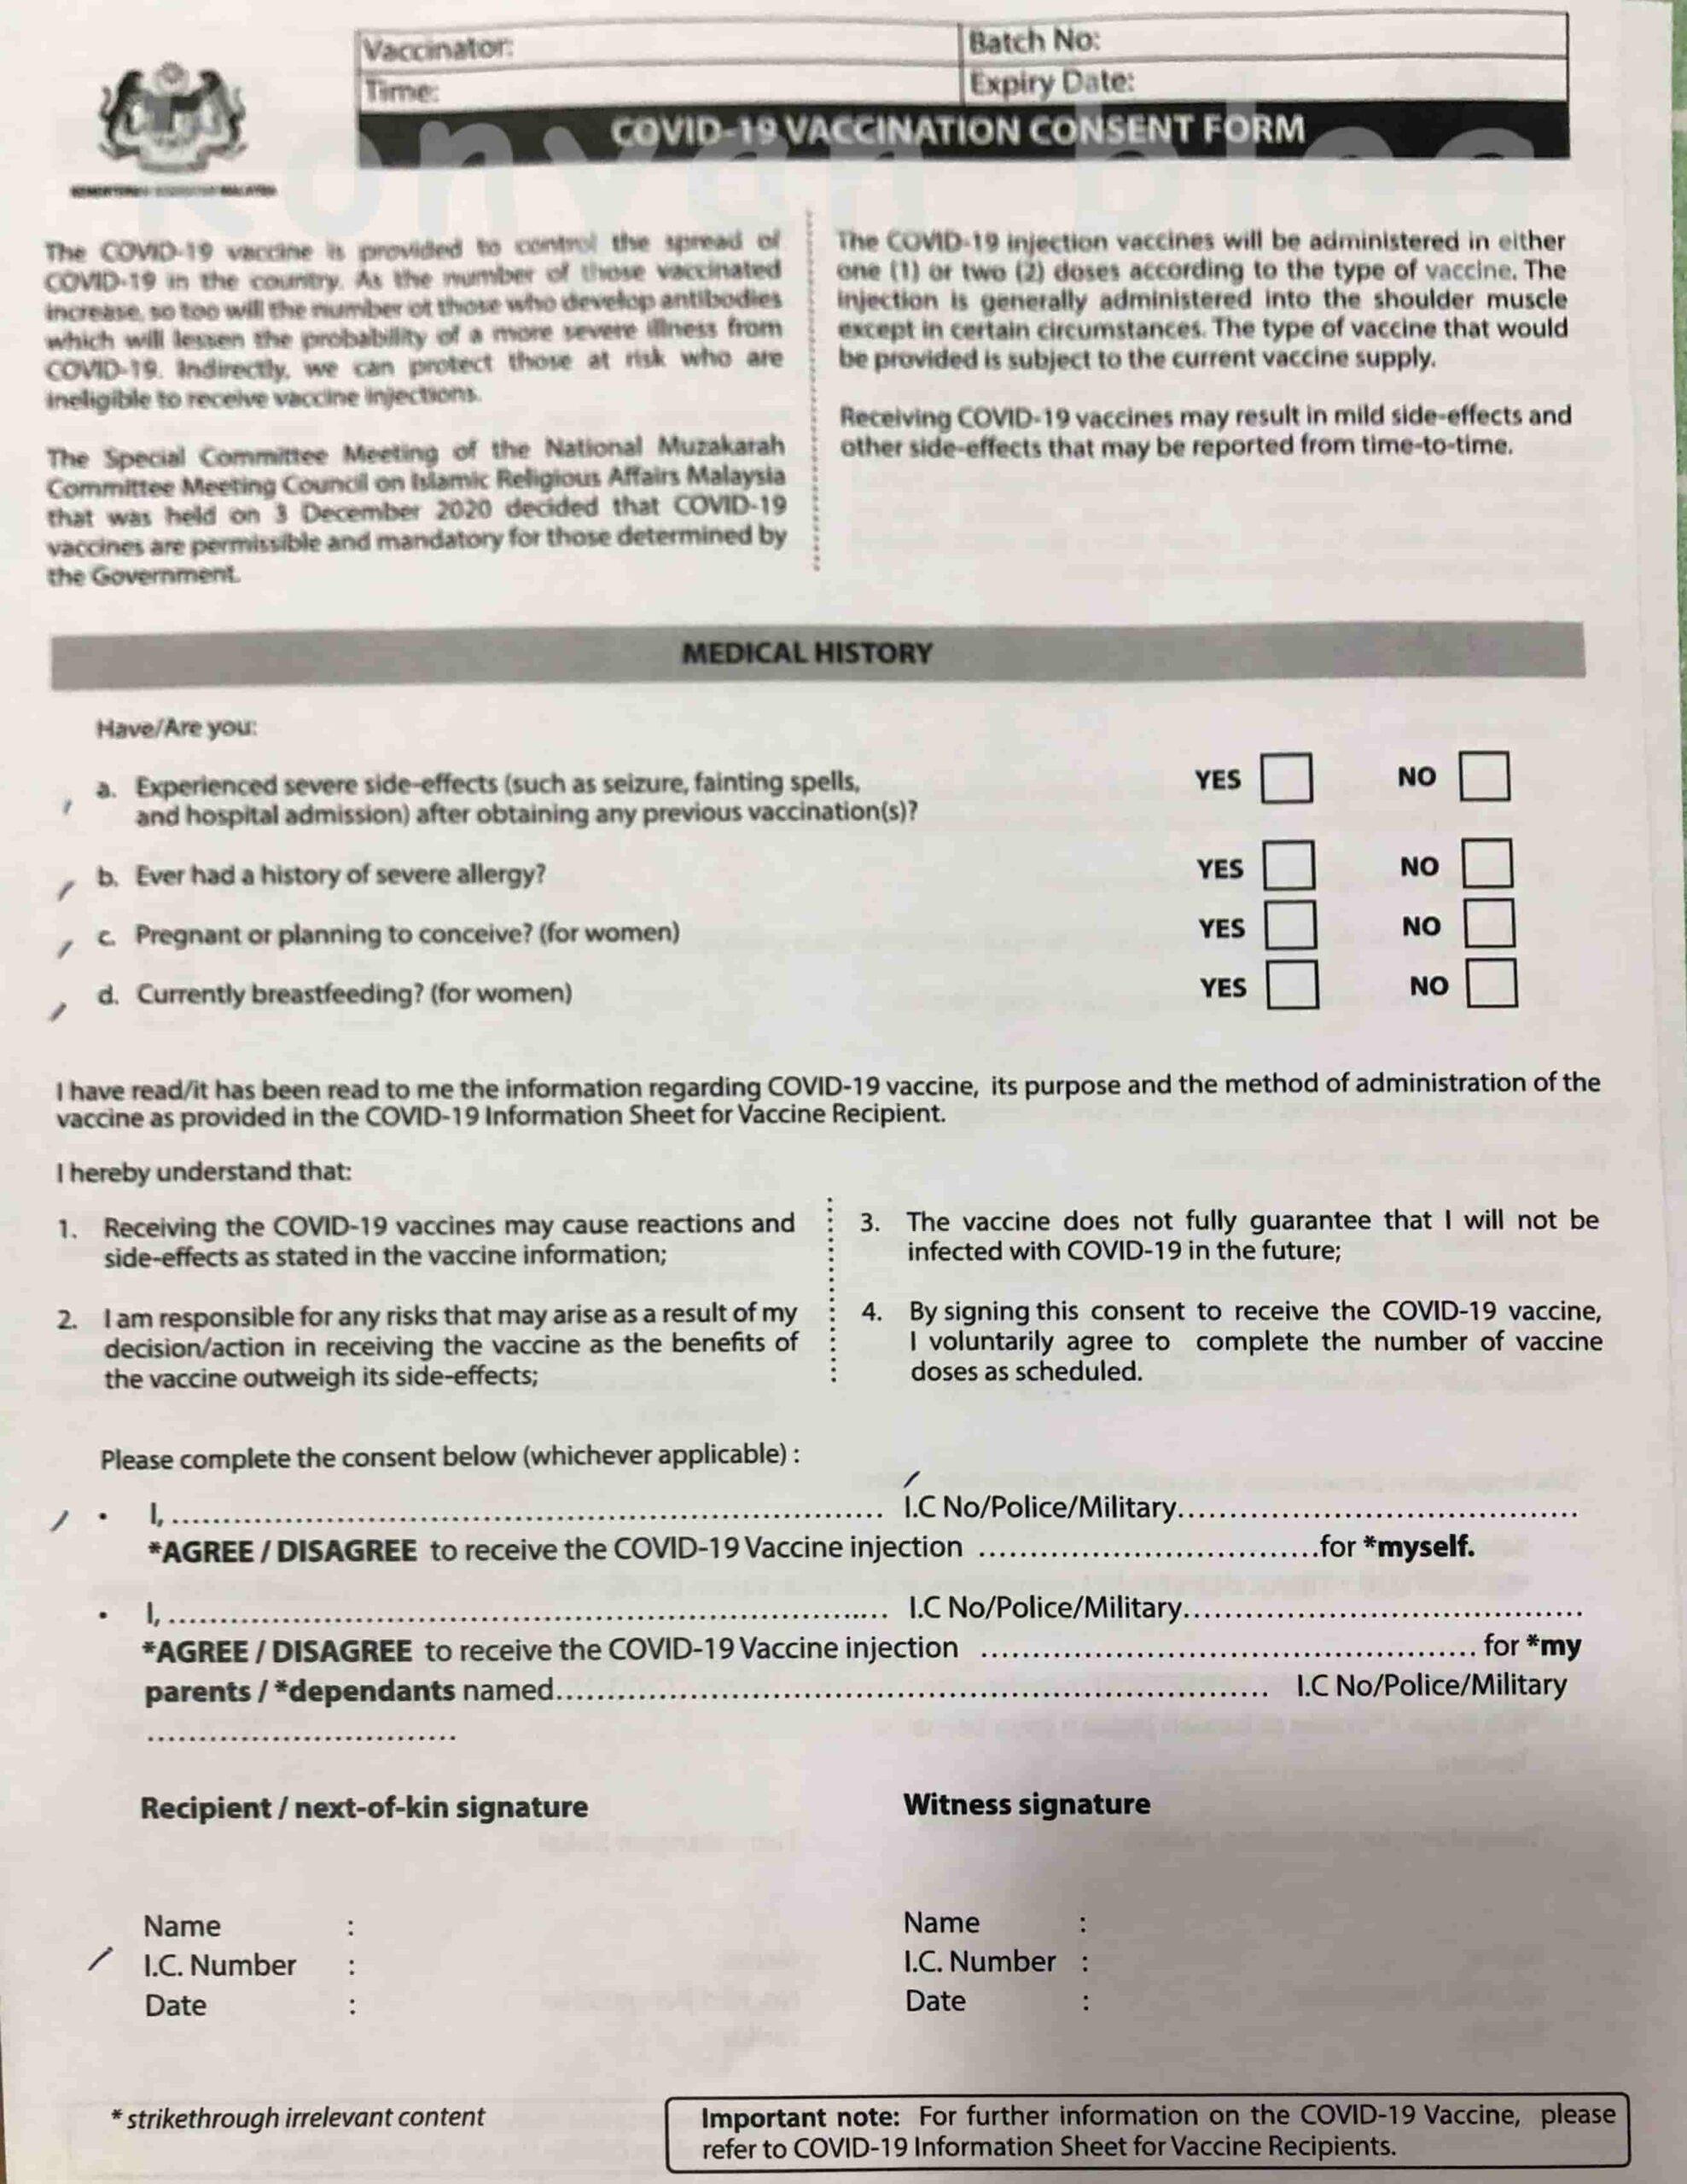 マレーシア 健康確認 ワクチン